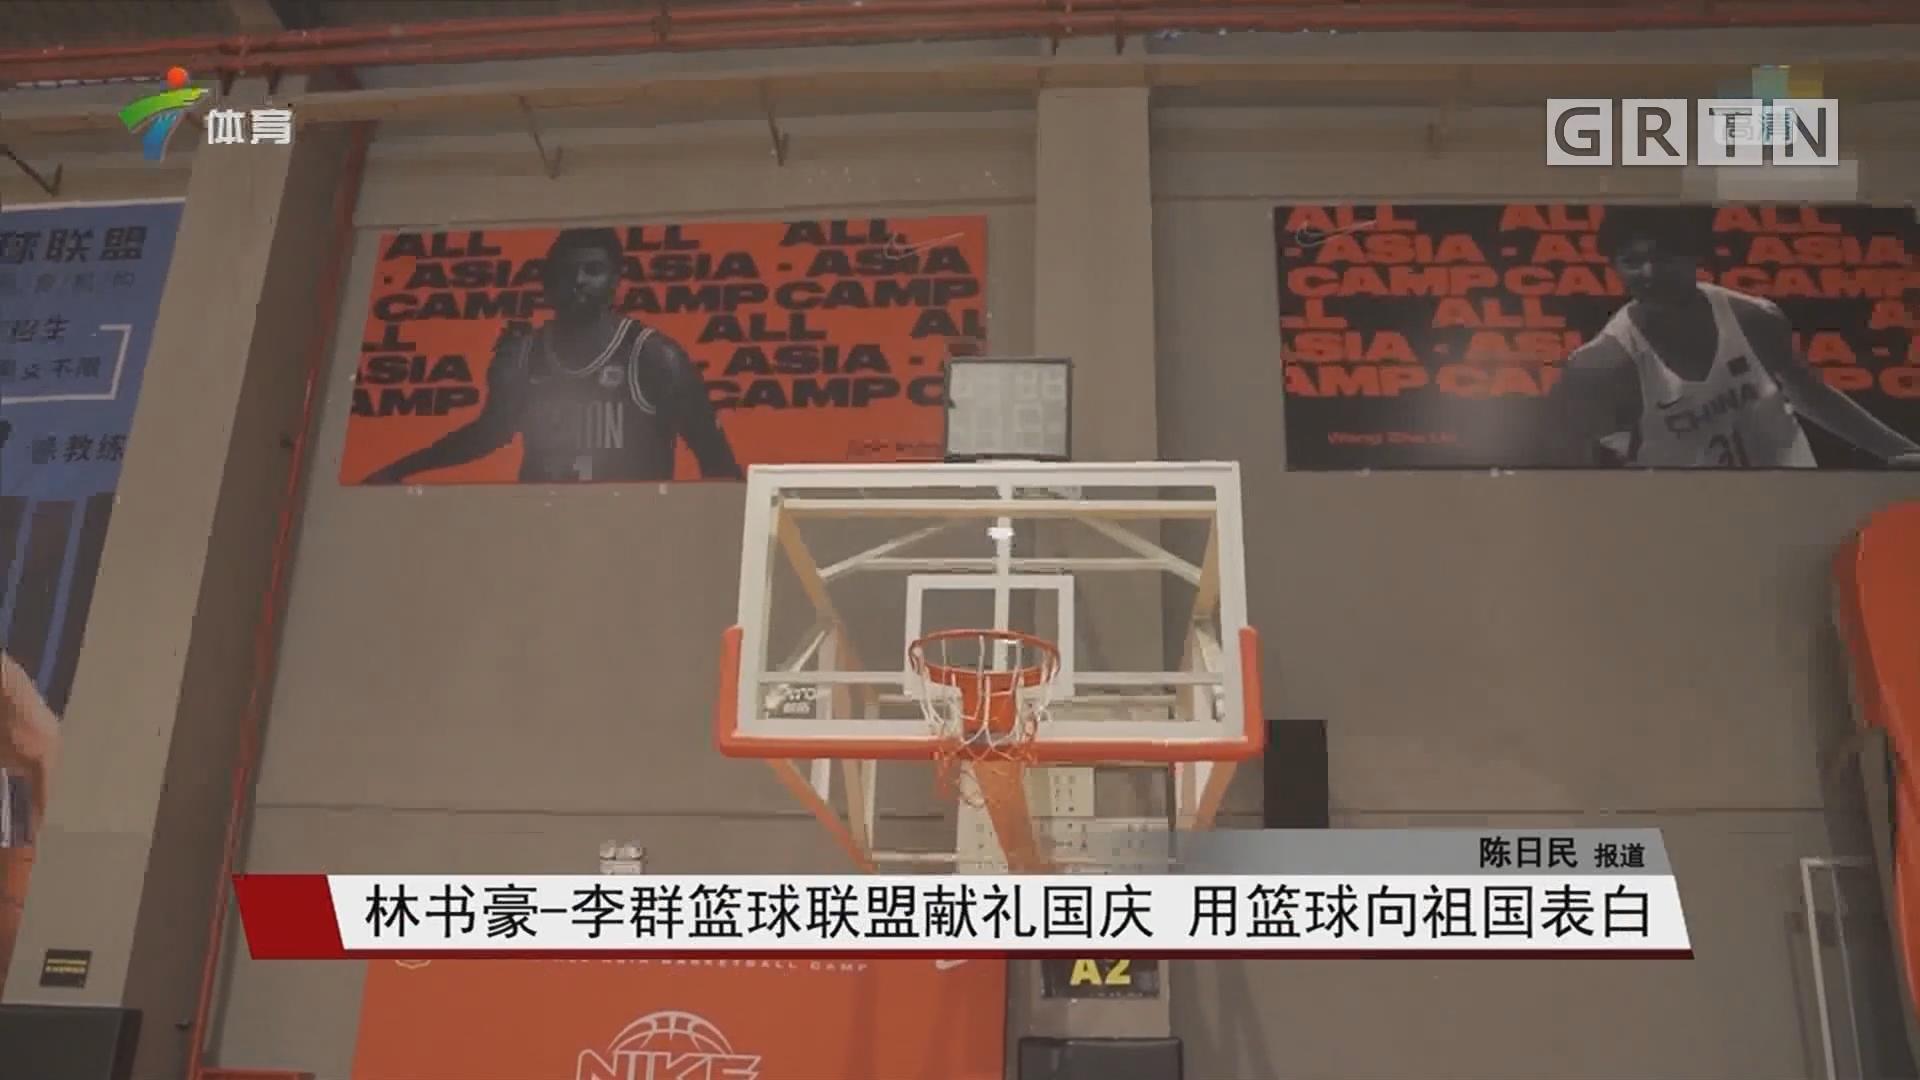 林書豪-李群籃球聯盟獻禮國慶 用籃球向祖國表白